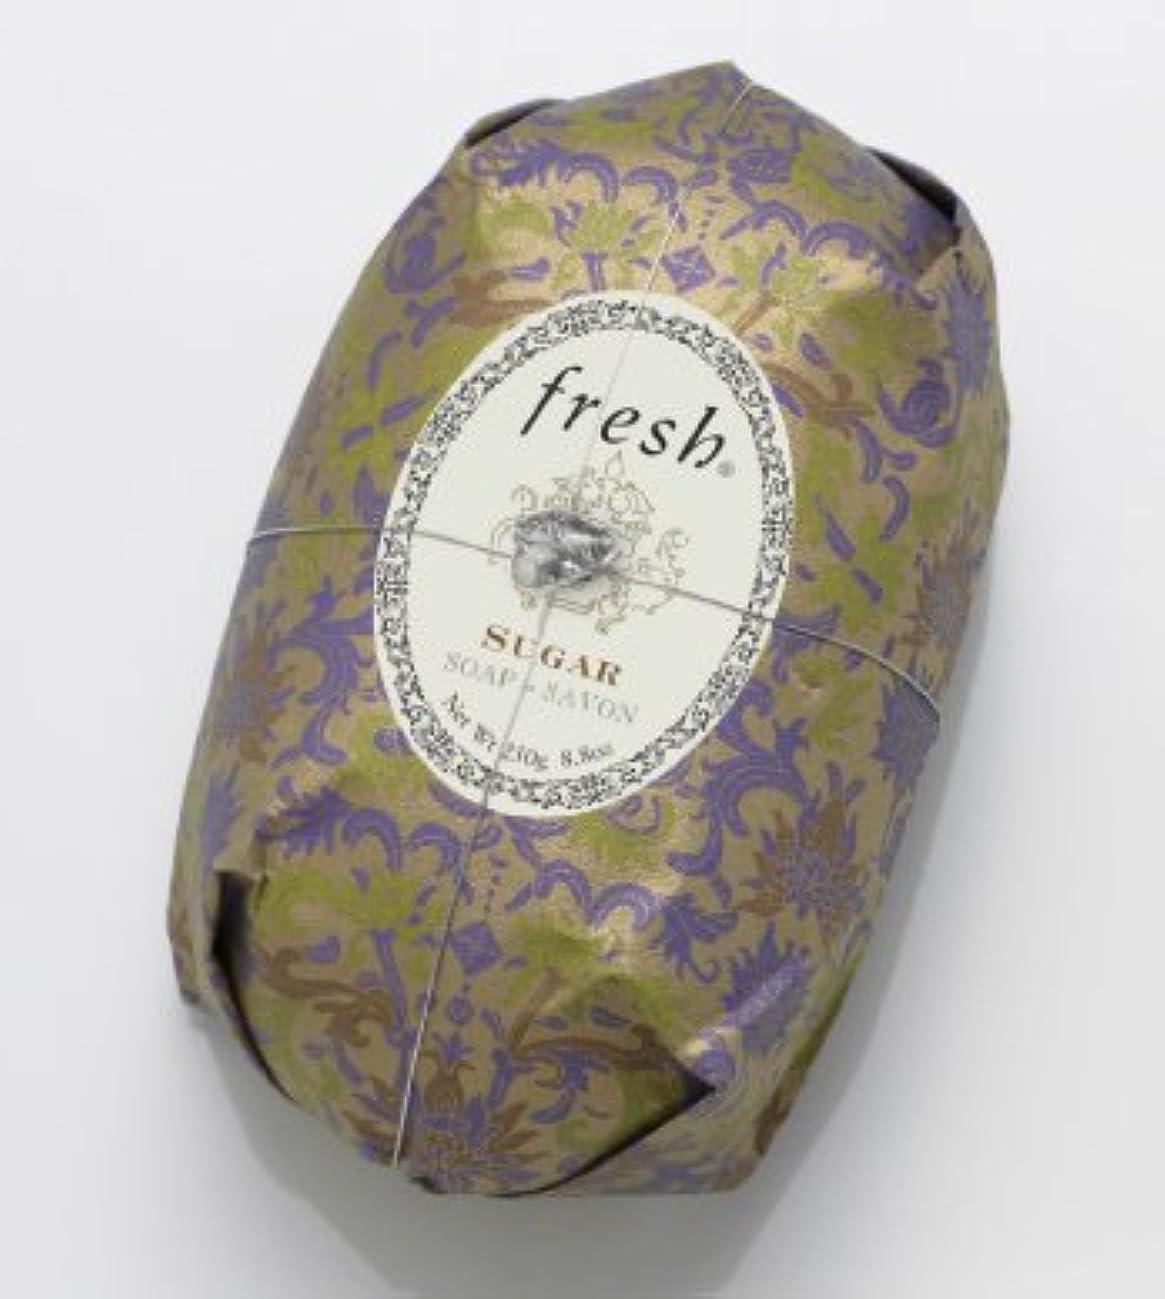 パフ変形新しさFresh SUGAR SOAP (フレッシュ シュガー ソープ) 8.8 oz (250g) Soap (石鹸) by Fresh